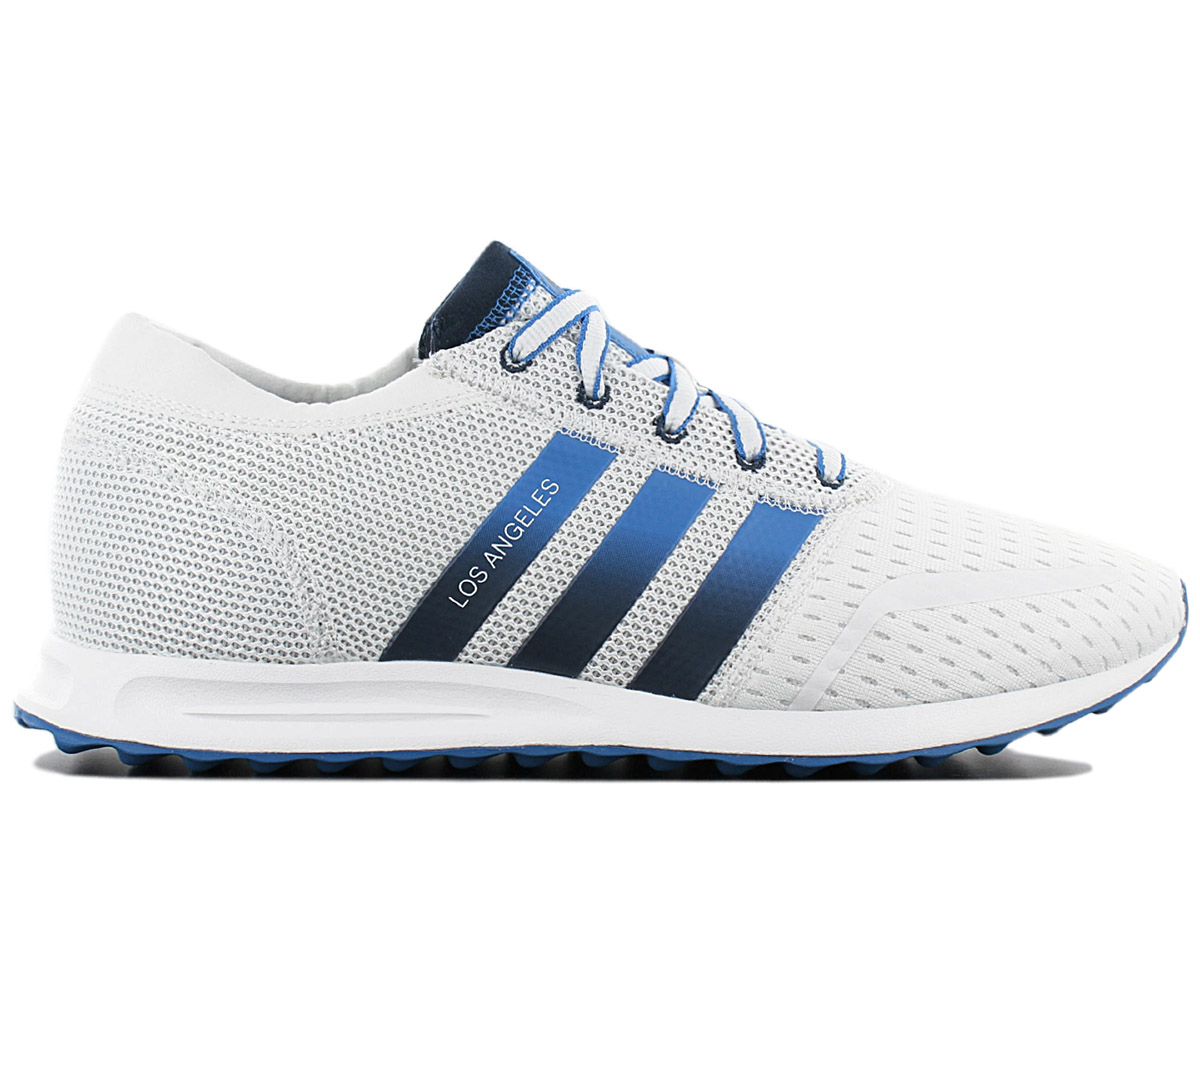 meilleur site web 80ce6 2e726 Details about Adidas Los Angeles Men's Sneaker S79032 White Shoes New